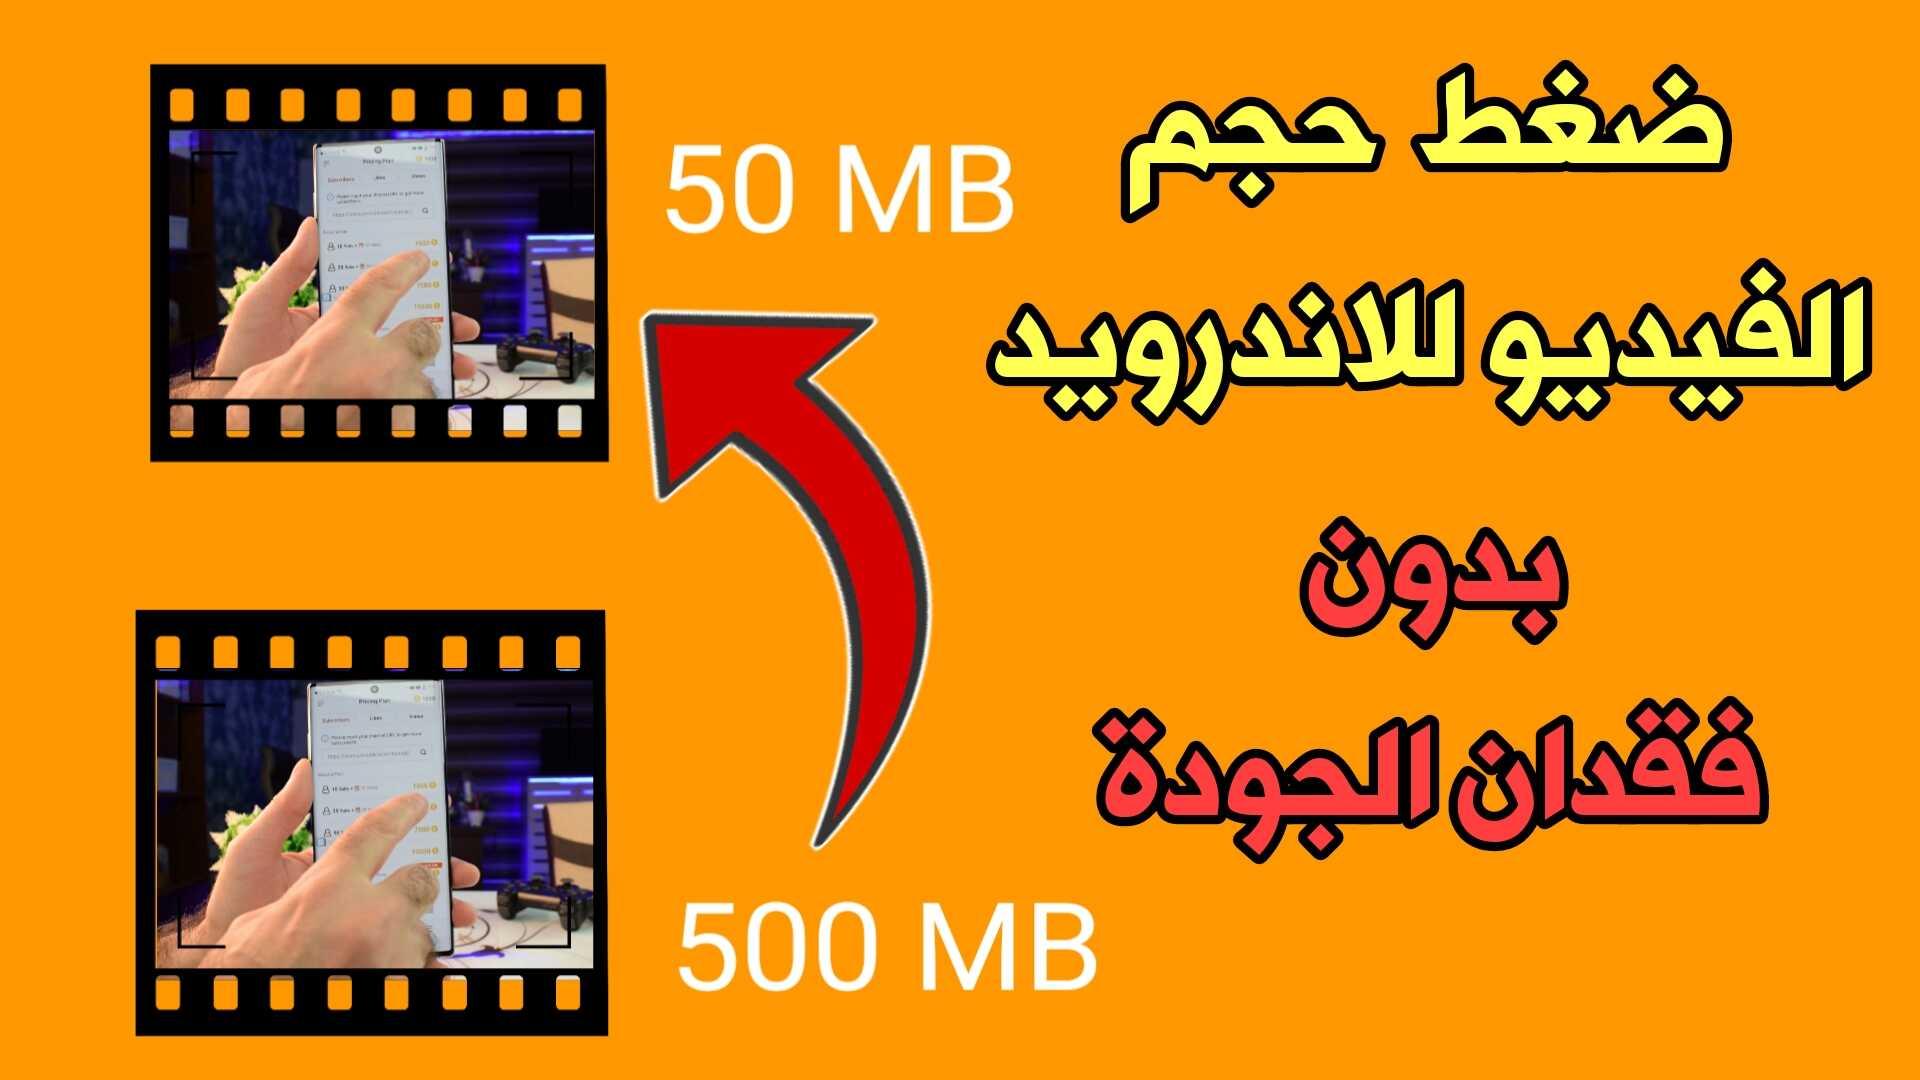 ضغط حجم الفيديو للاندرويد من دون فقدان الجودة الاصلية